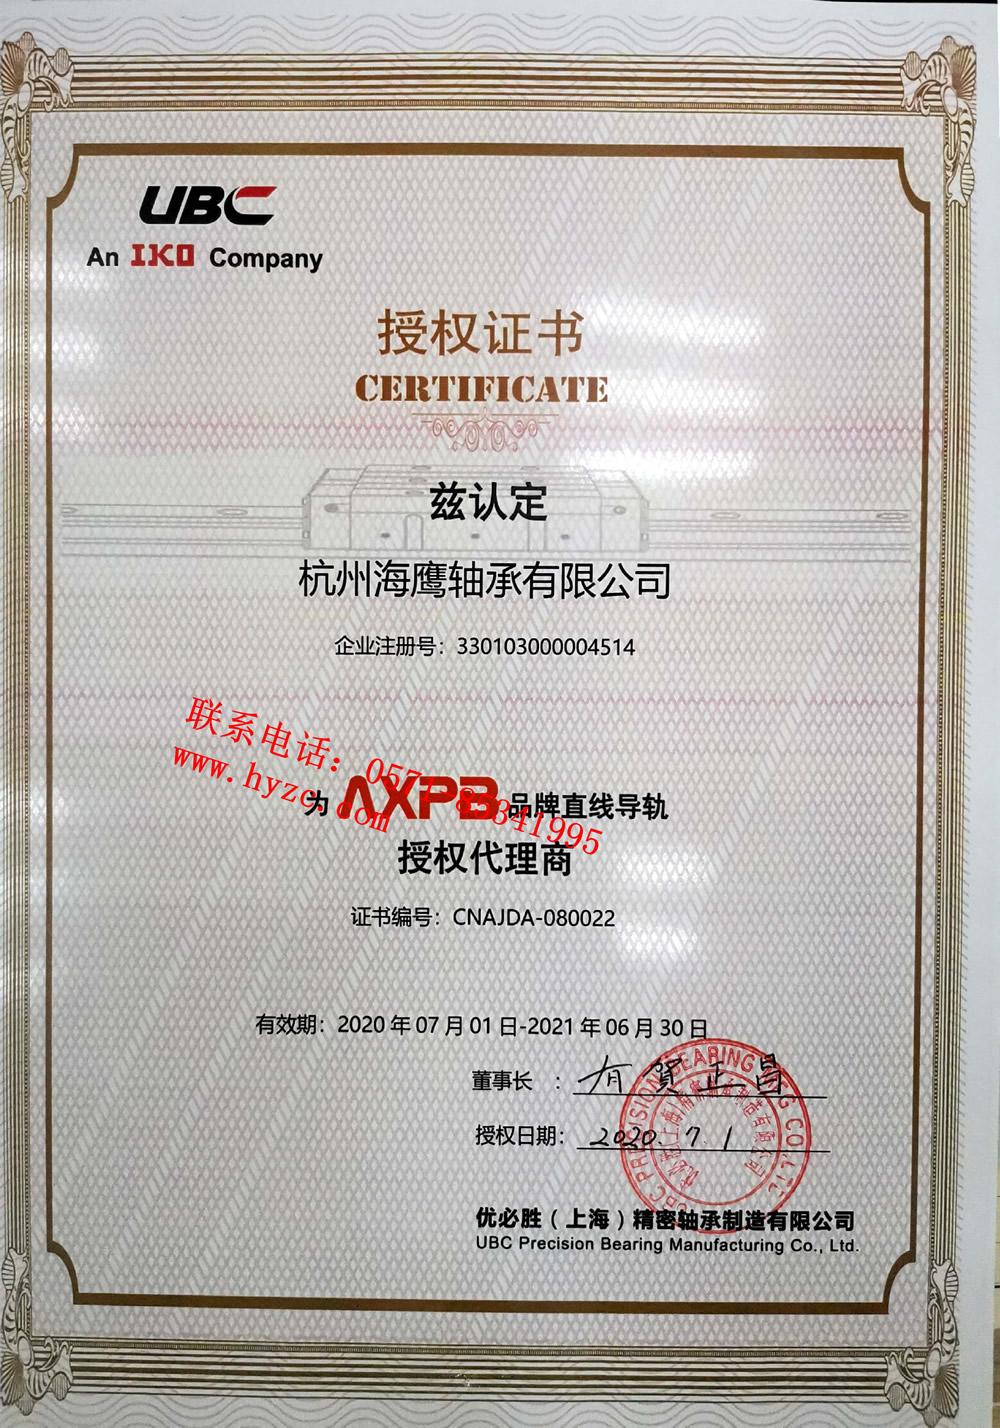 AXPB 代理证